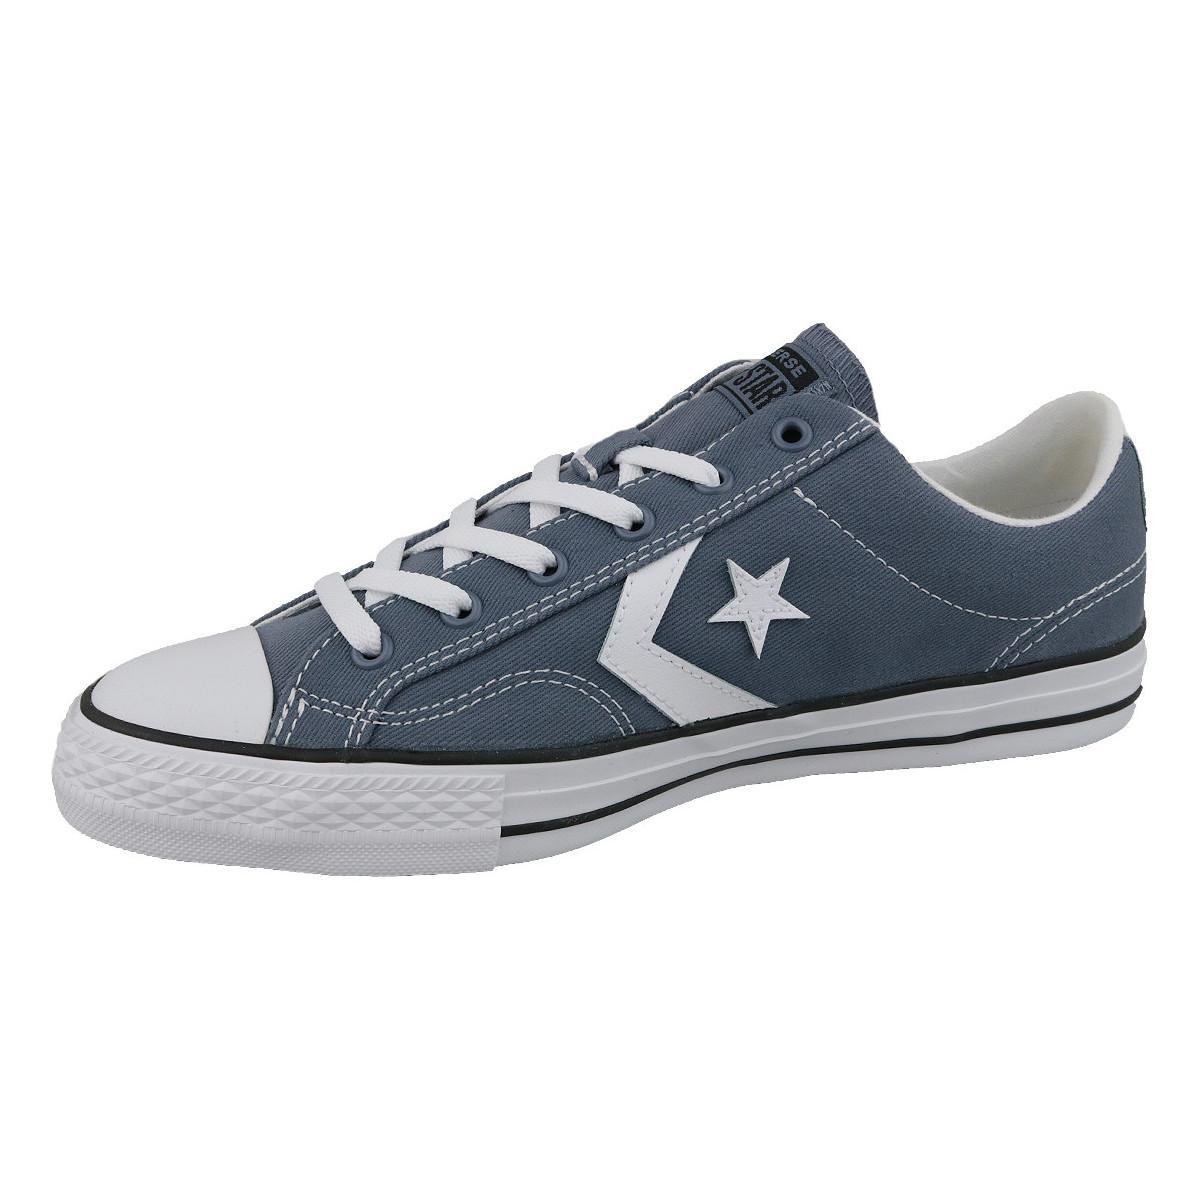 Converse Lage Sneakers Player Star Ox 160557c in het Blauw voor heren